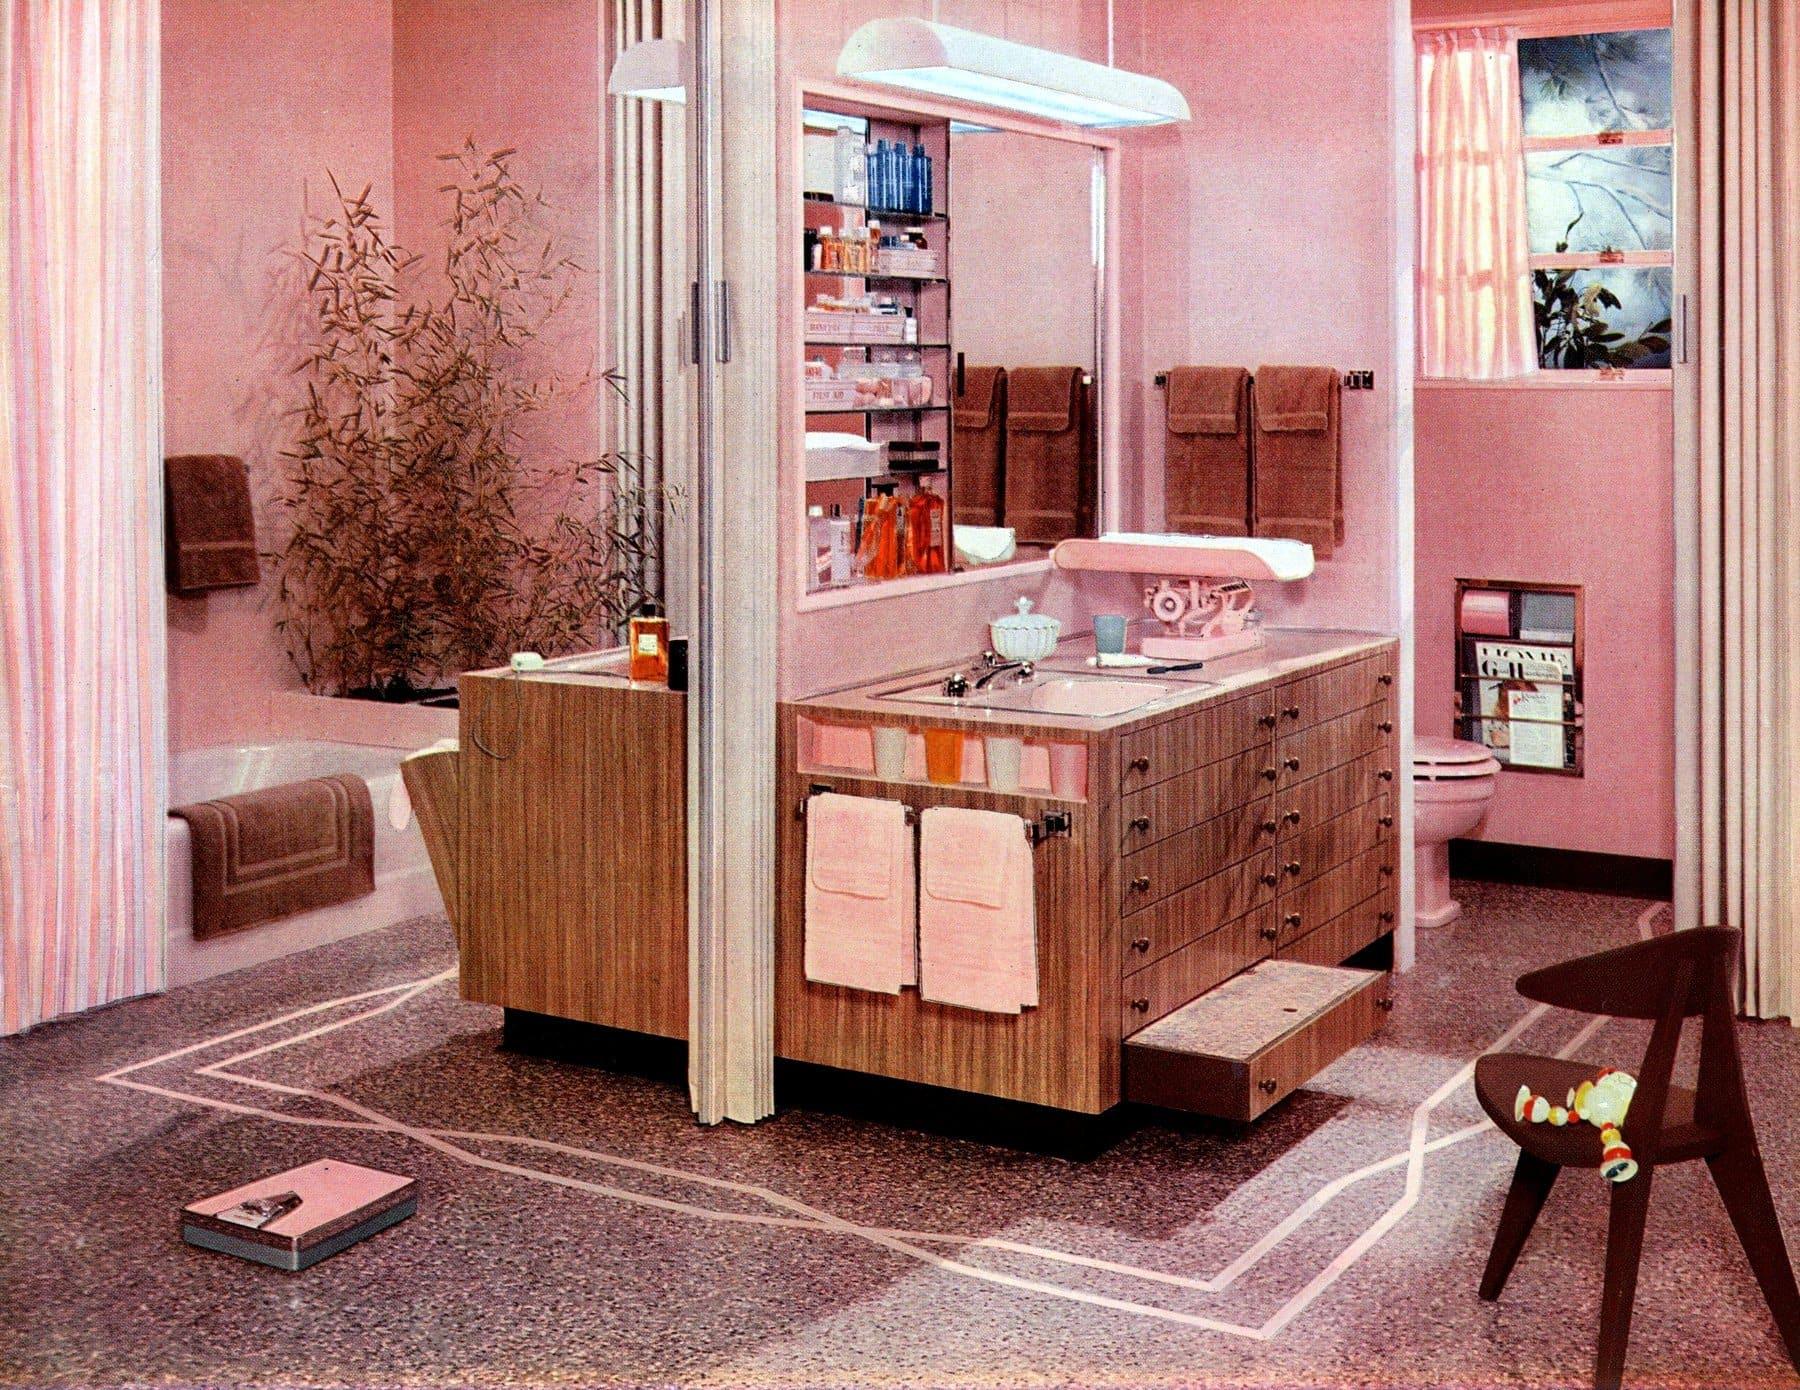 Vintage pink bathrooms A thoroughly feminine midcentury bathroom suite (1957)